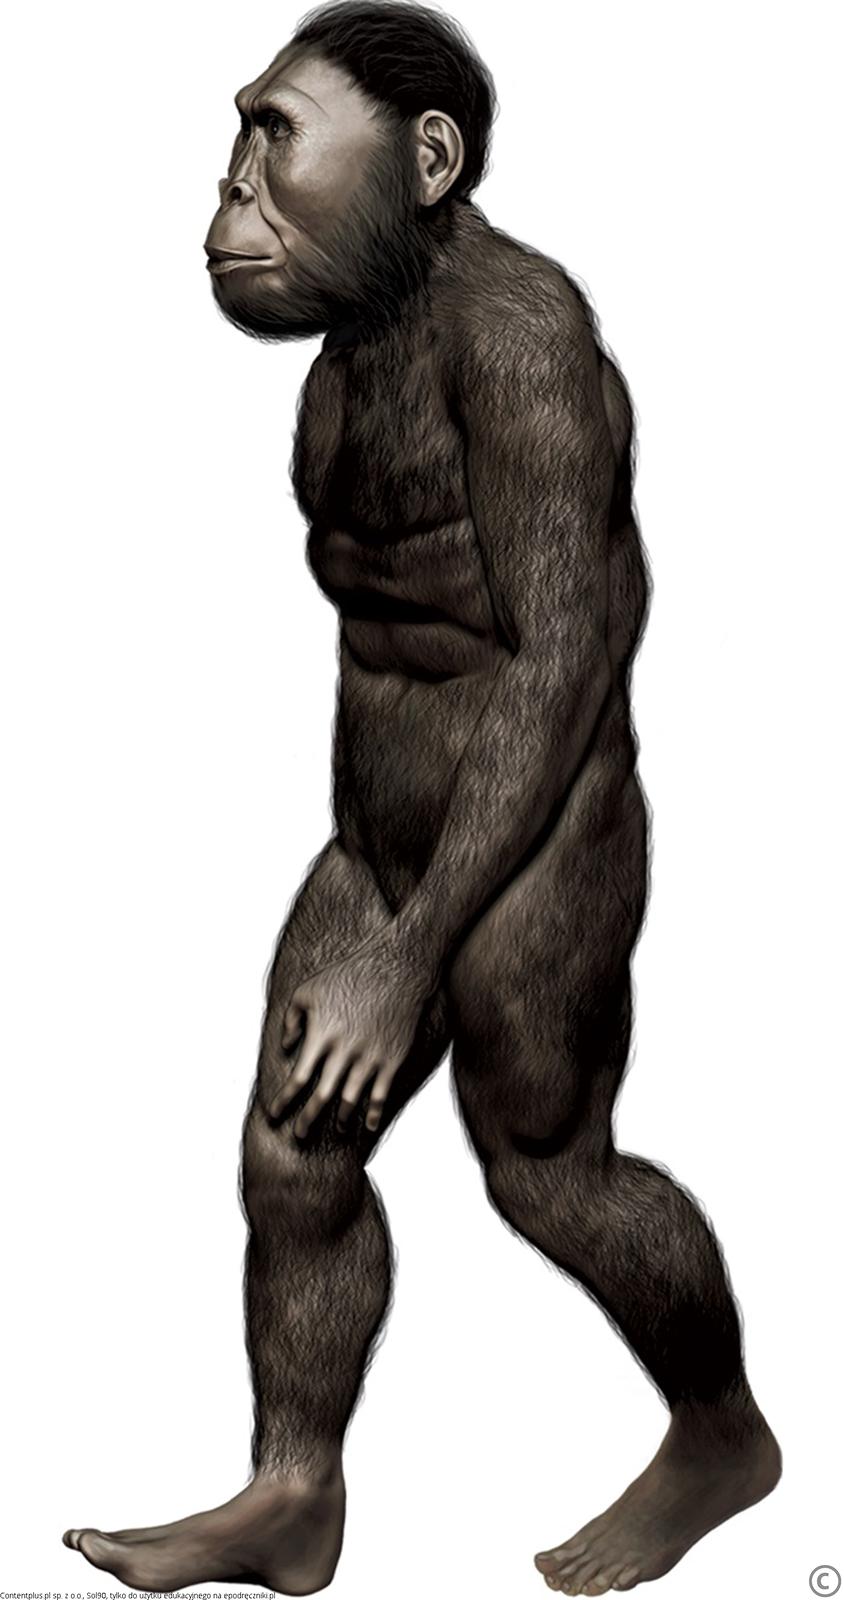 Postać wyprostowanej, dwunożnej, owłosionej istoty ogłowie itwarzy przypominające głowę itwarz małpy.